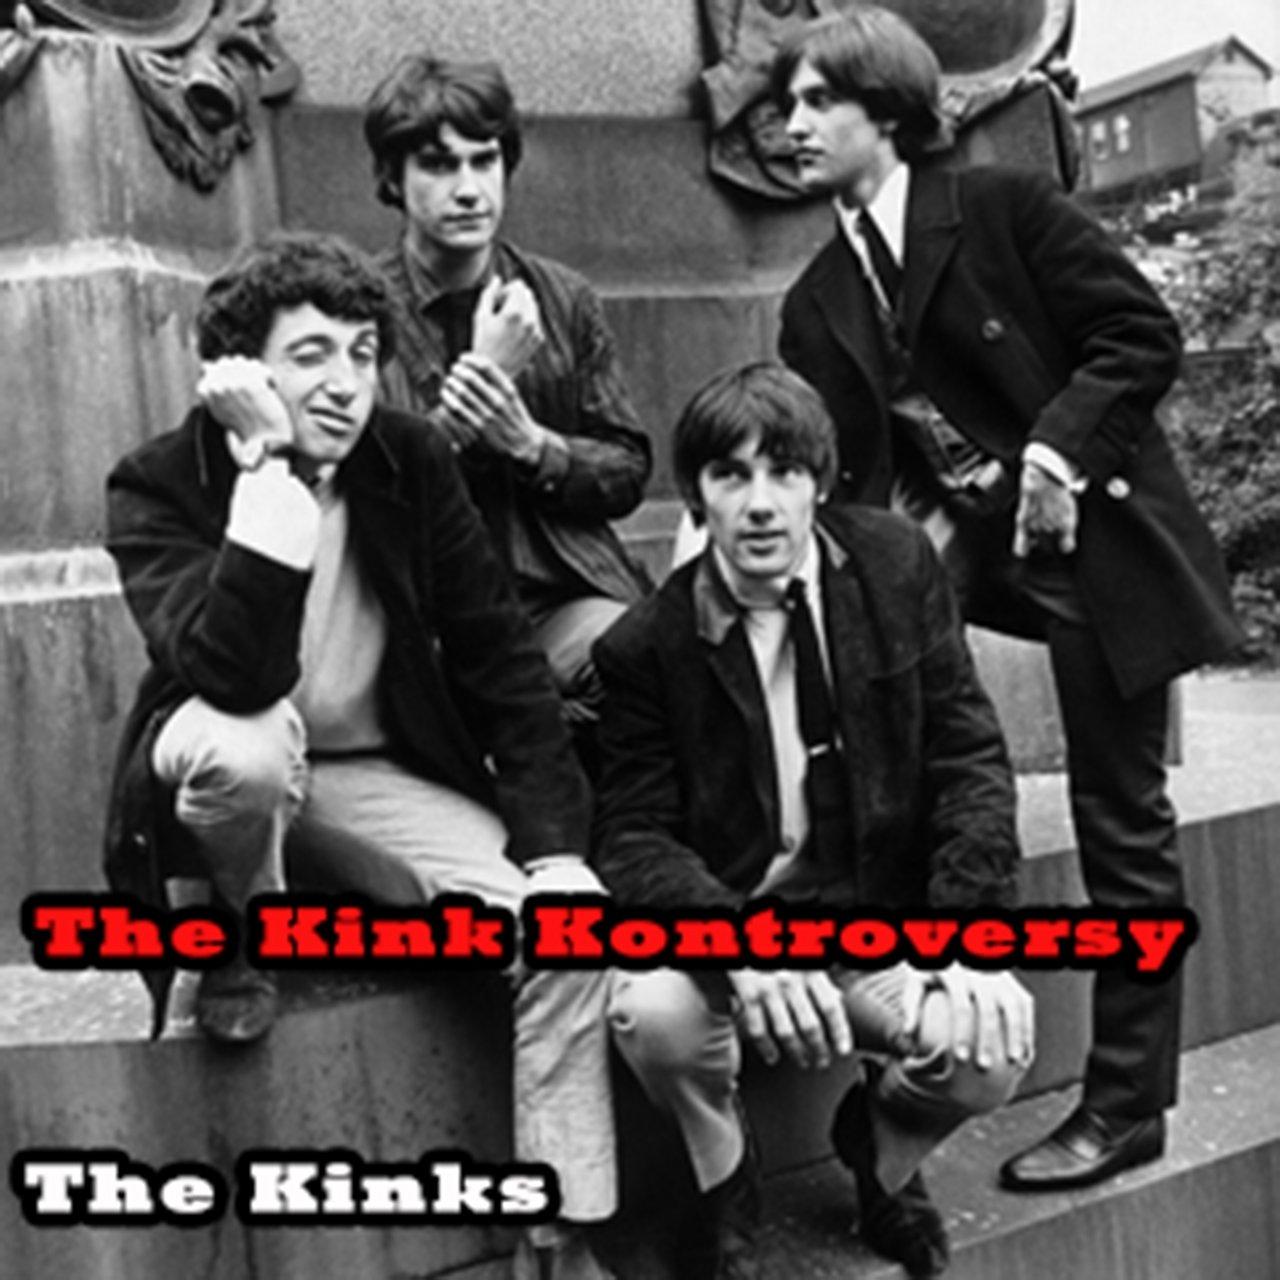 TIDAL: Listen to The Kinks on TIDAL